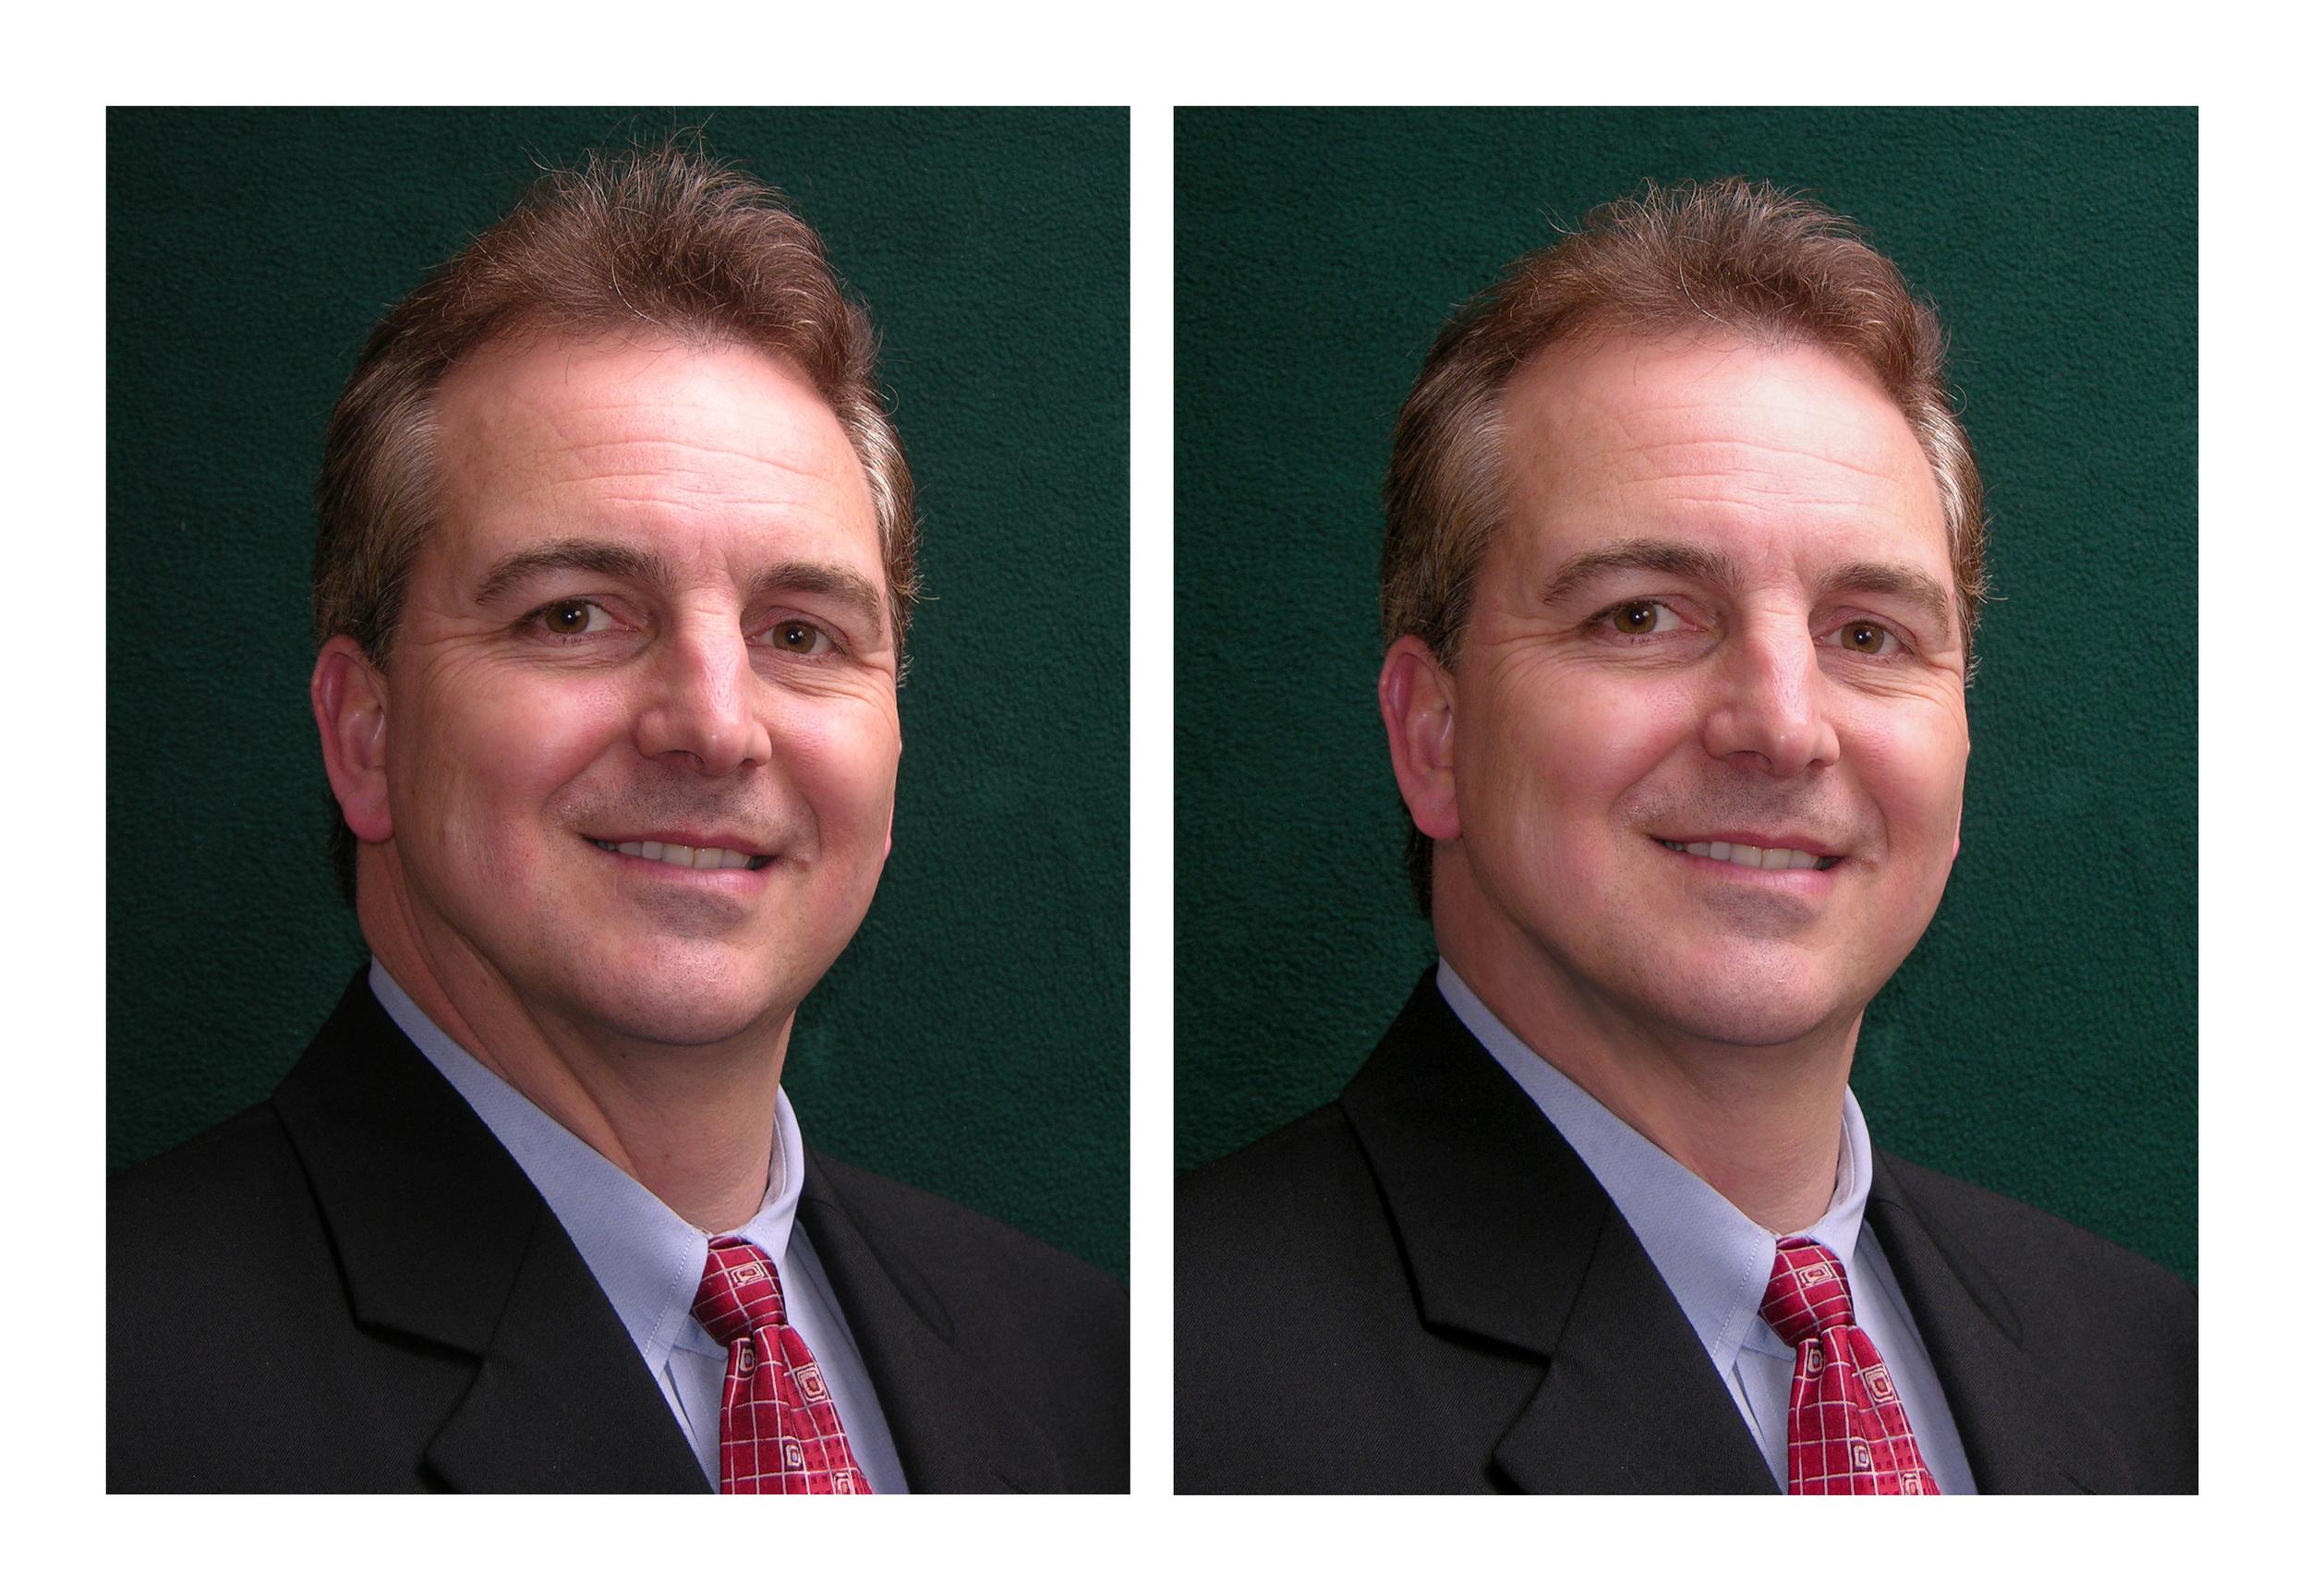 Portrait Improvement